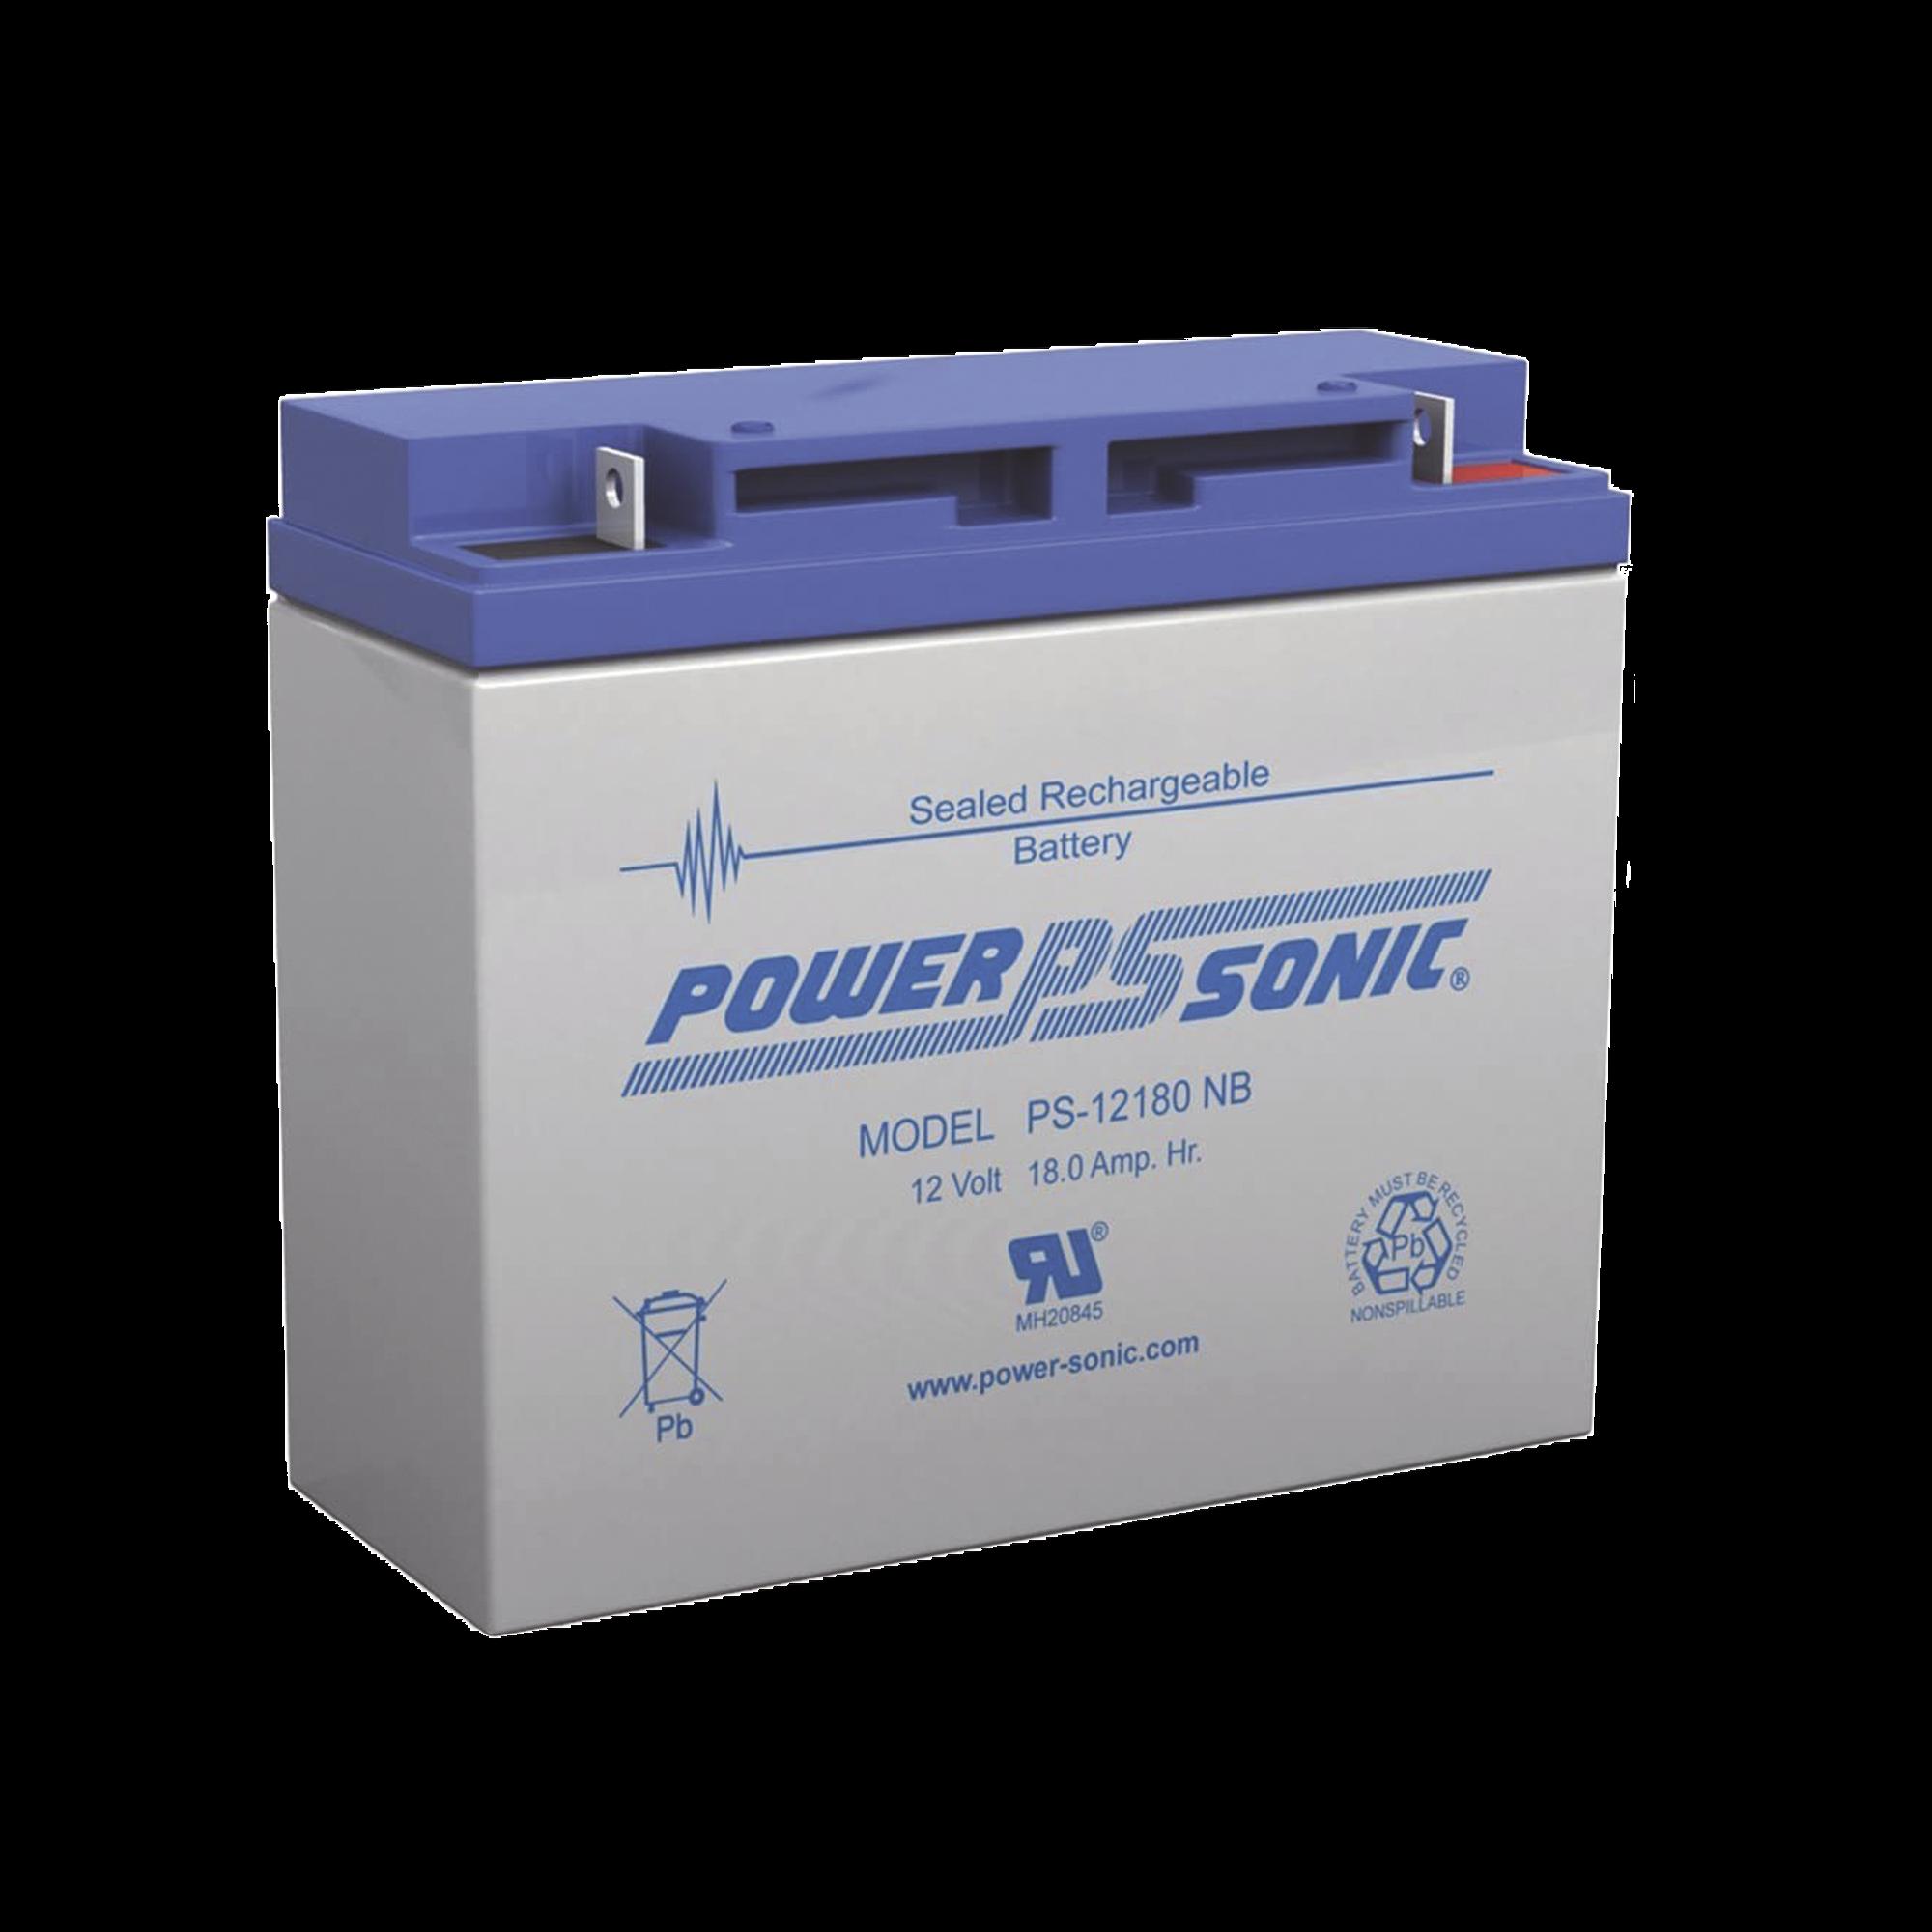 Batería de Respaldo UL de 12V 18AH / Ideal para Sistemas de Detección de Incendio / Control de Acceso / Intrusión / Videovigilancia / Terminales Tipo NB